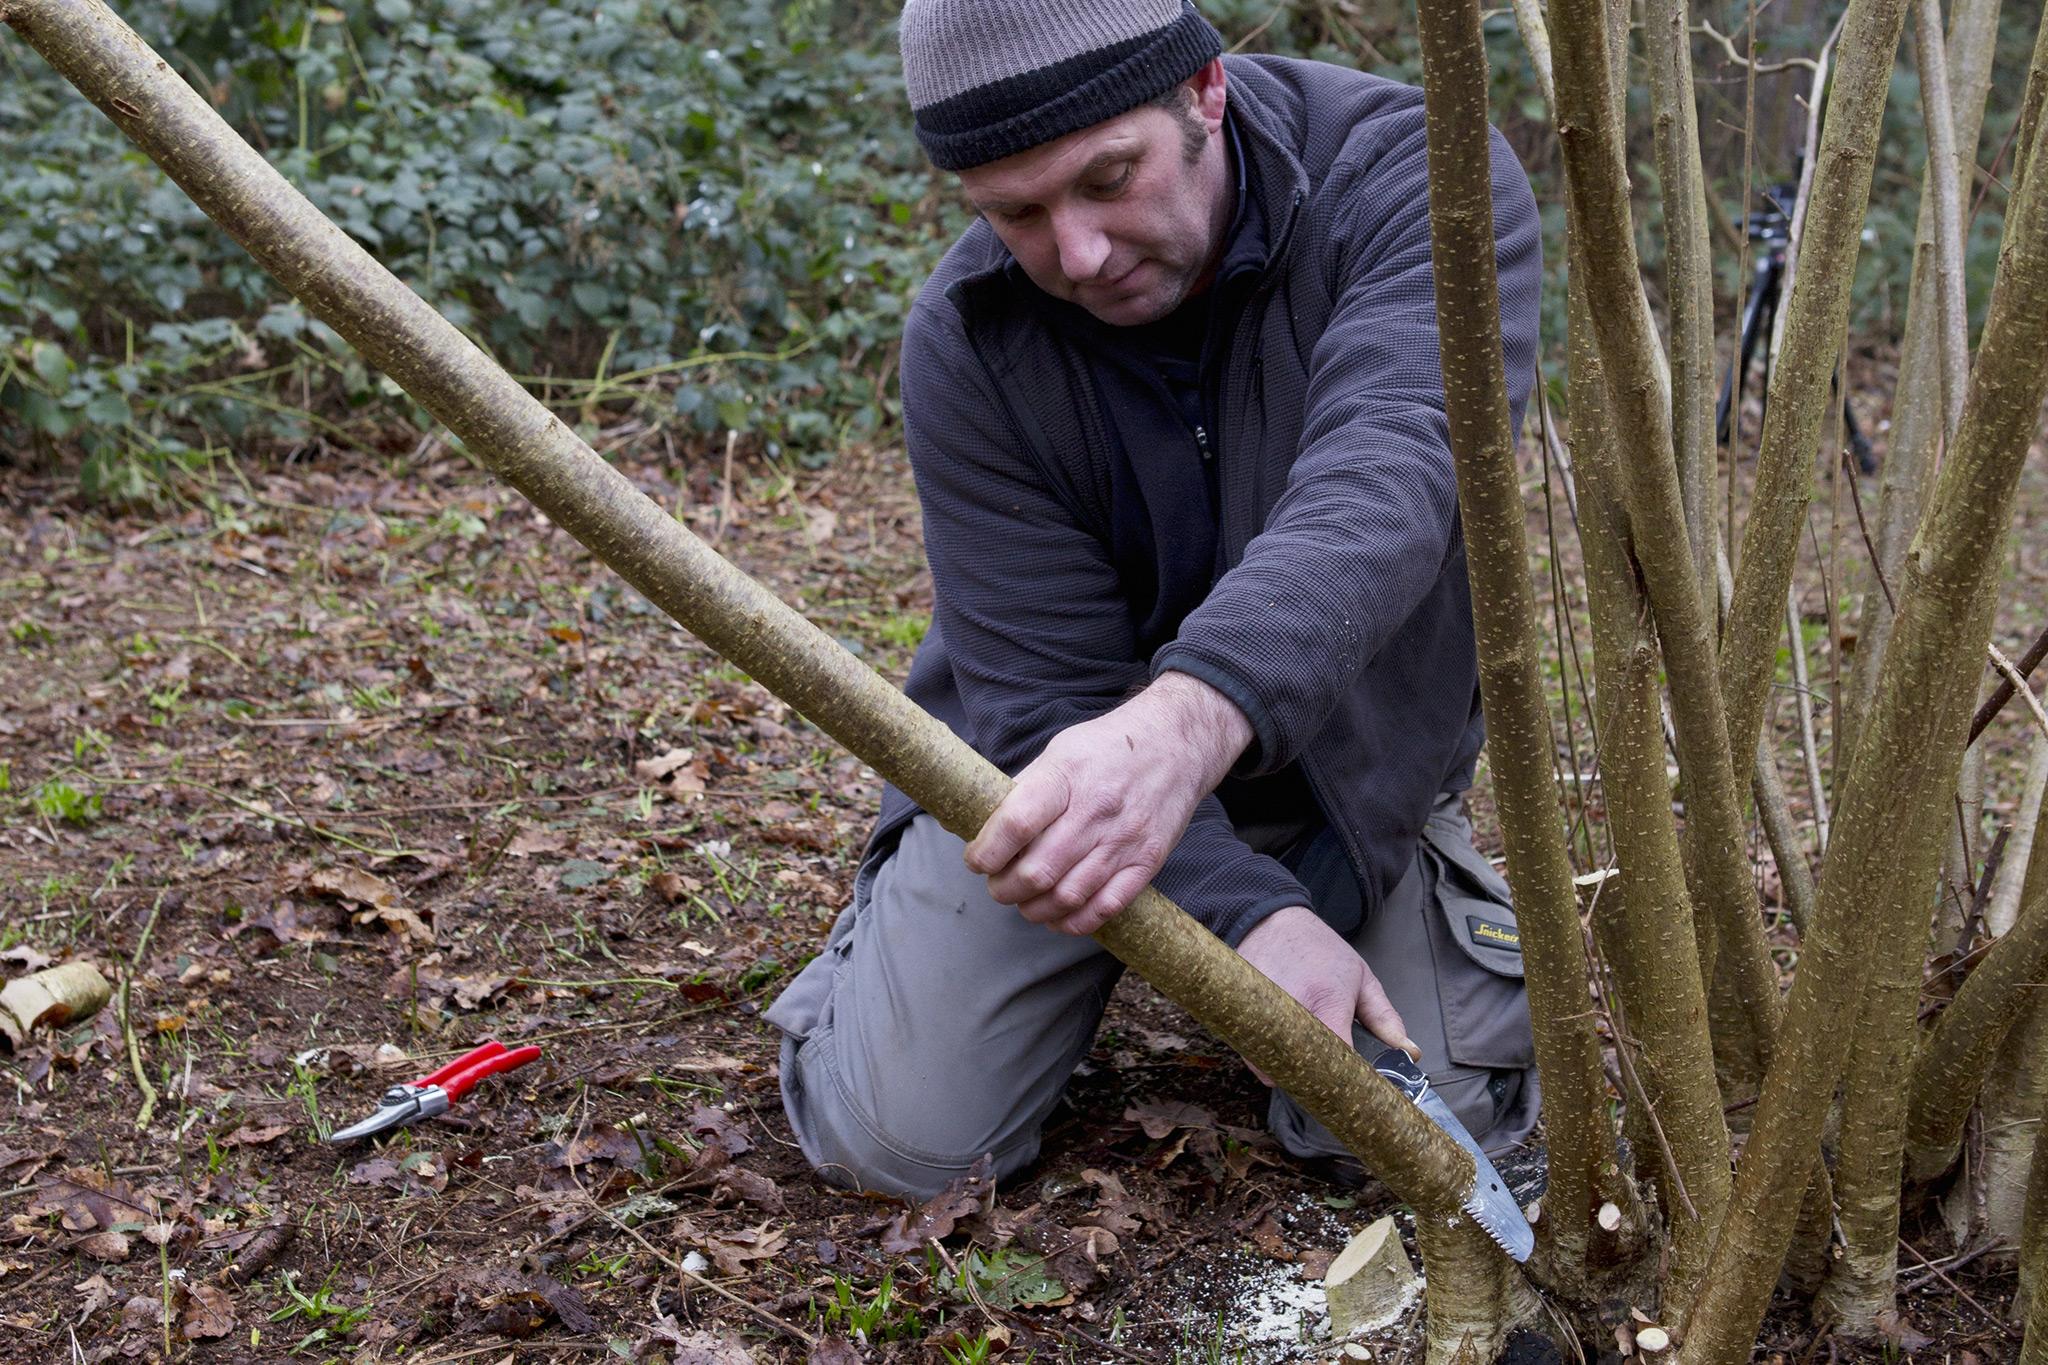 Coppicing hazel. Credit: Royal Botanic Gardens, Kew